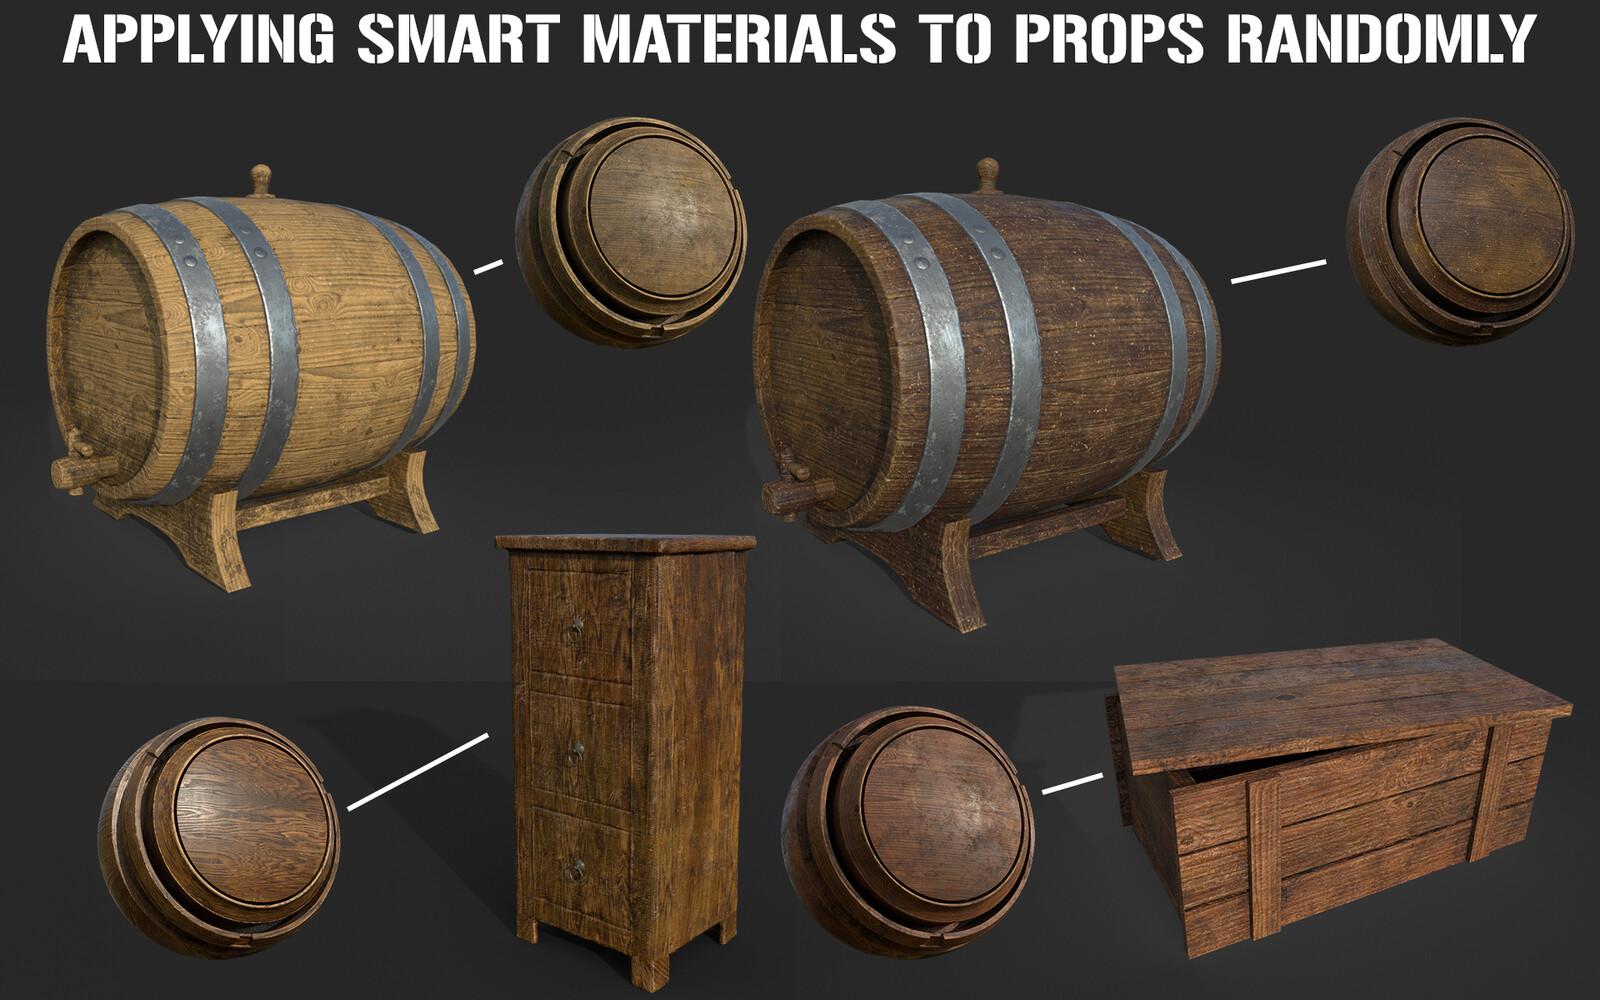 20 wood smart materials